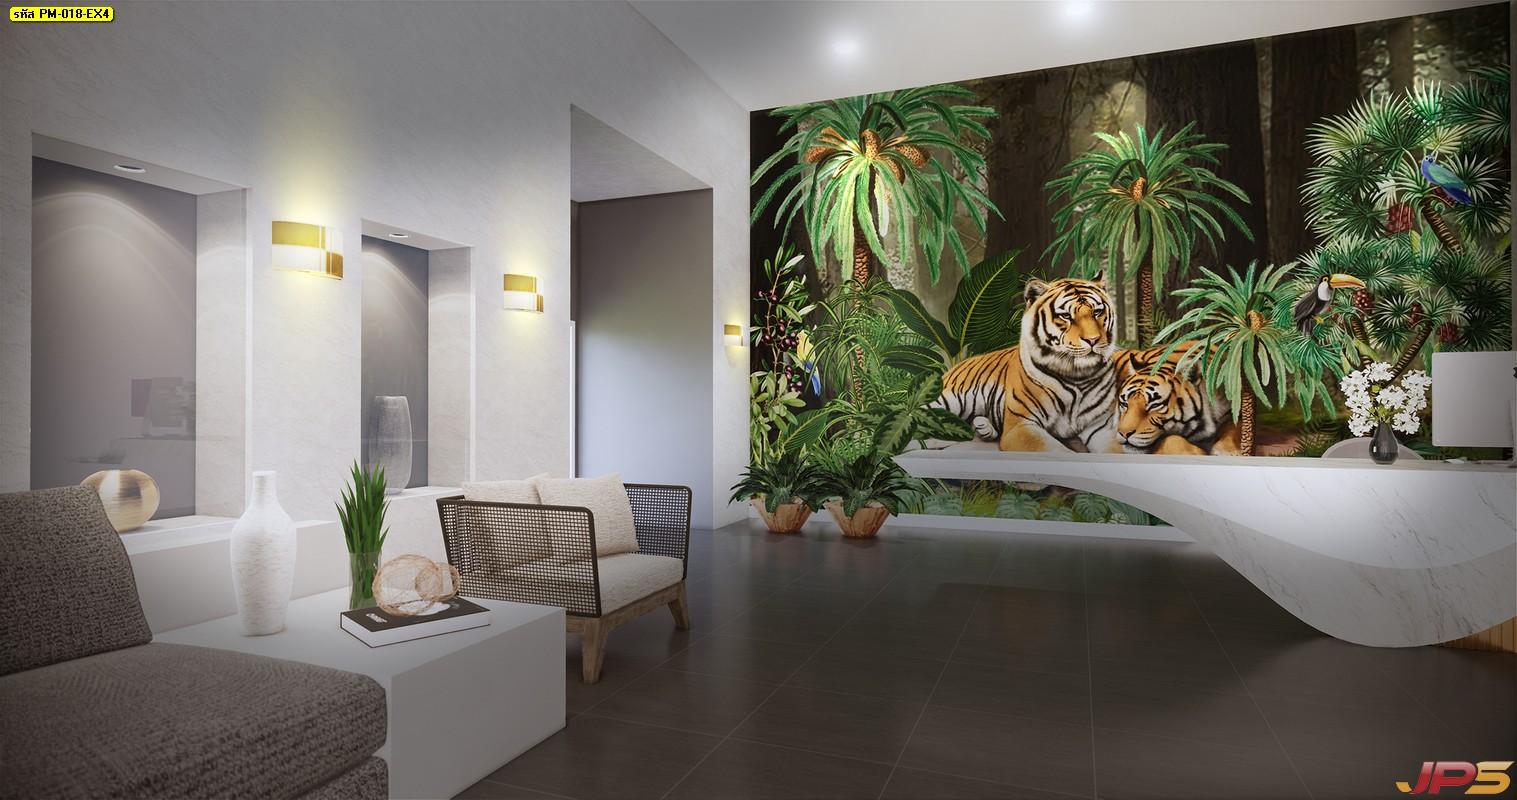 วอลเปเปอร์หมึกกันน้ำ ลายเสือนอนคู่กันในสวนป่าเขียวขจี